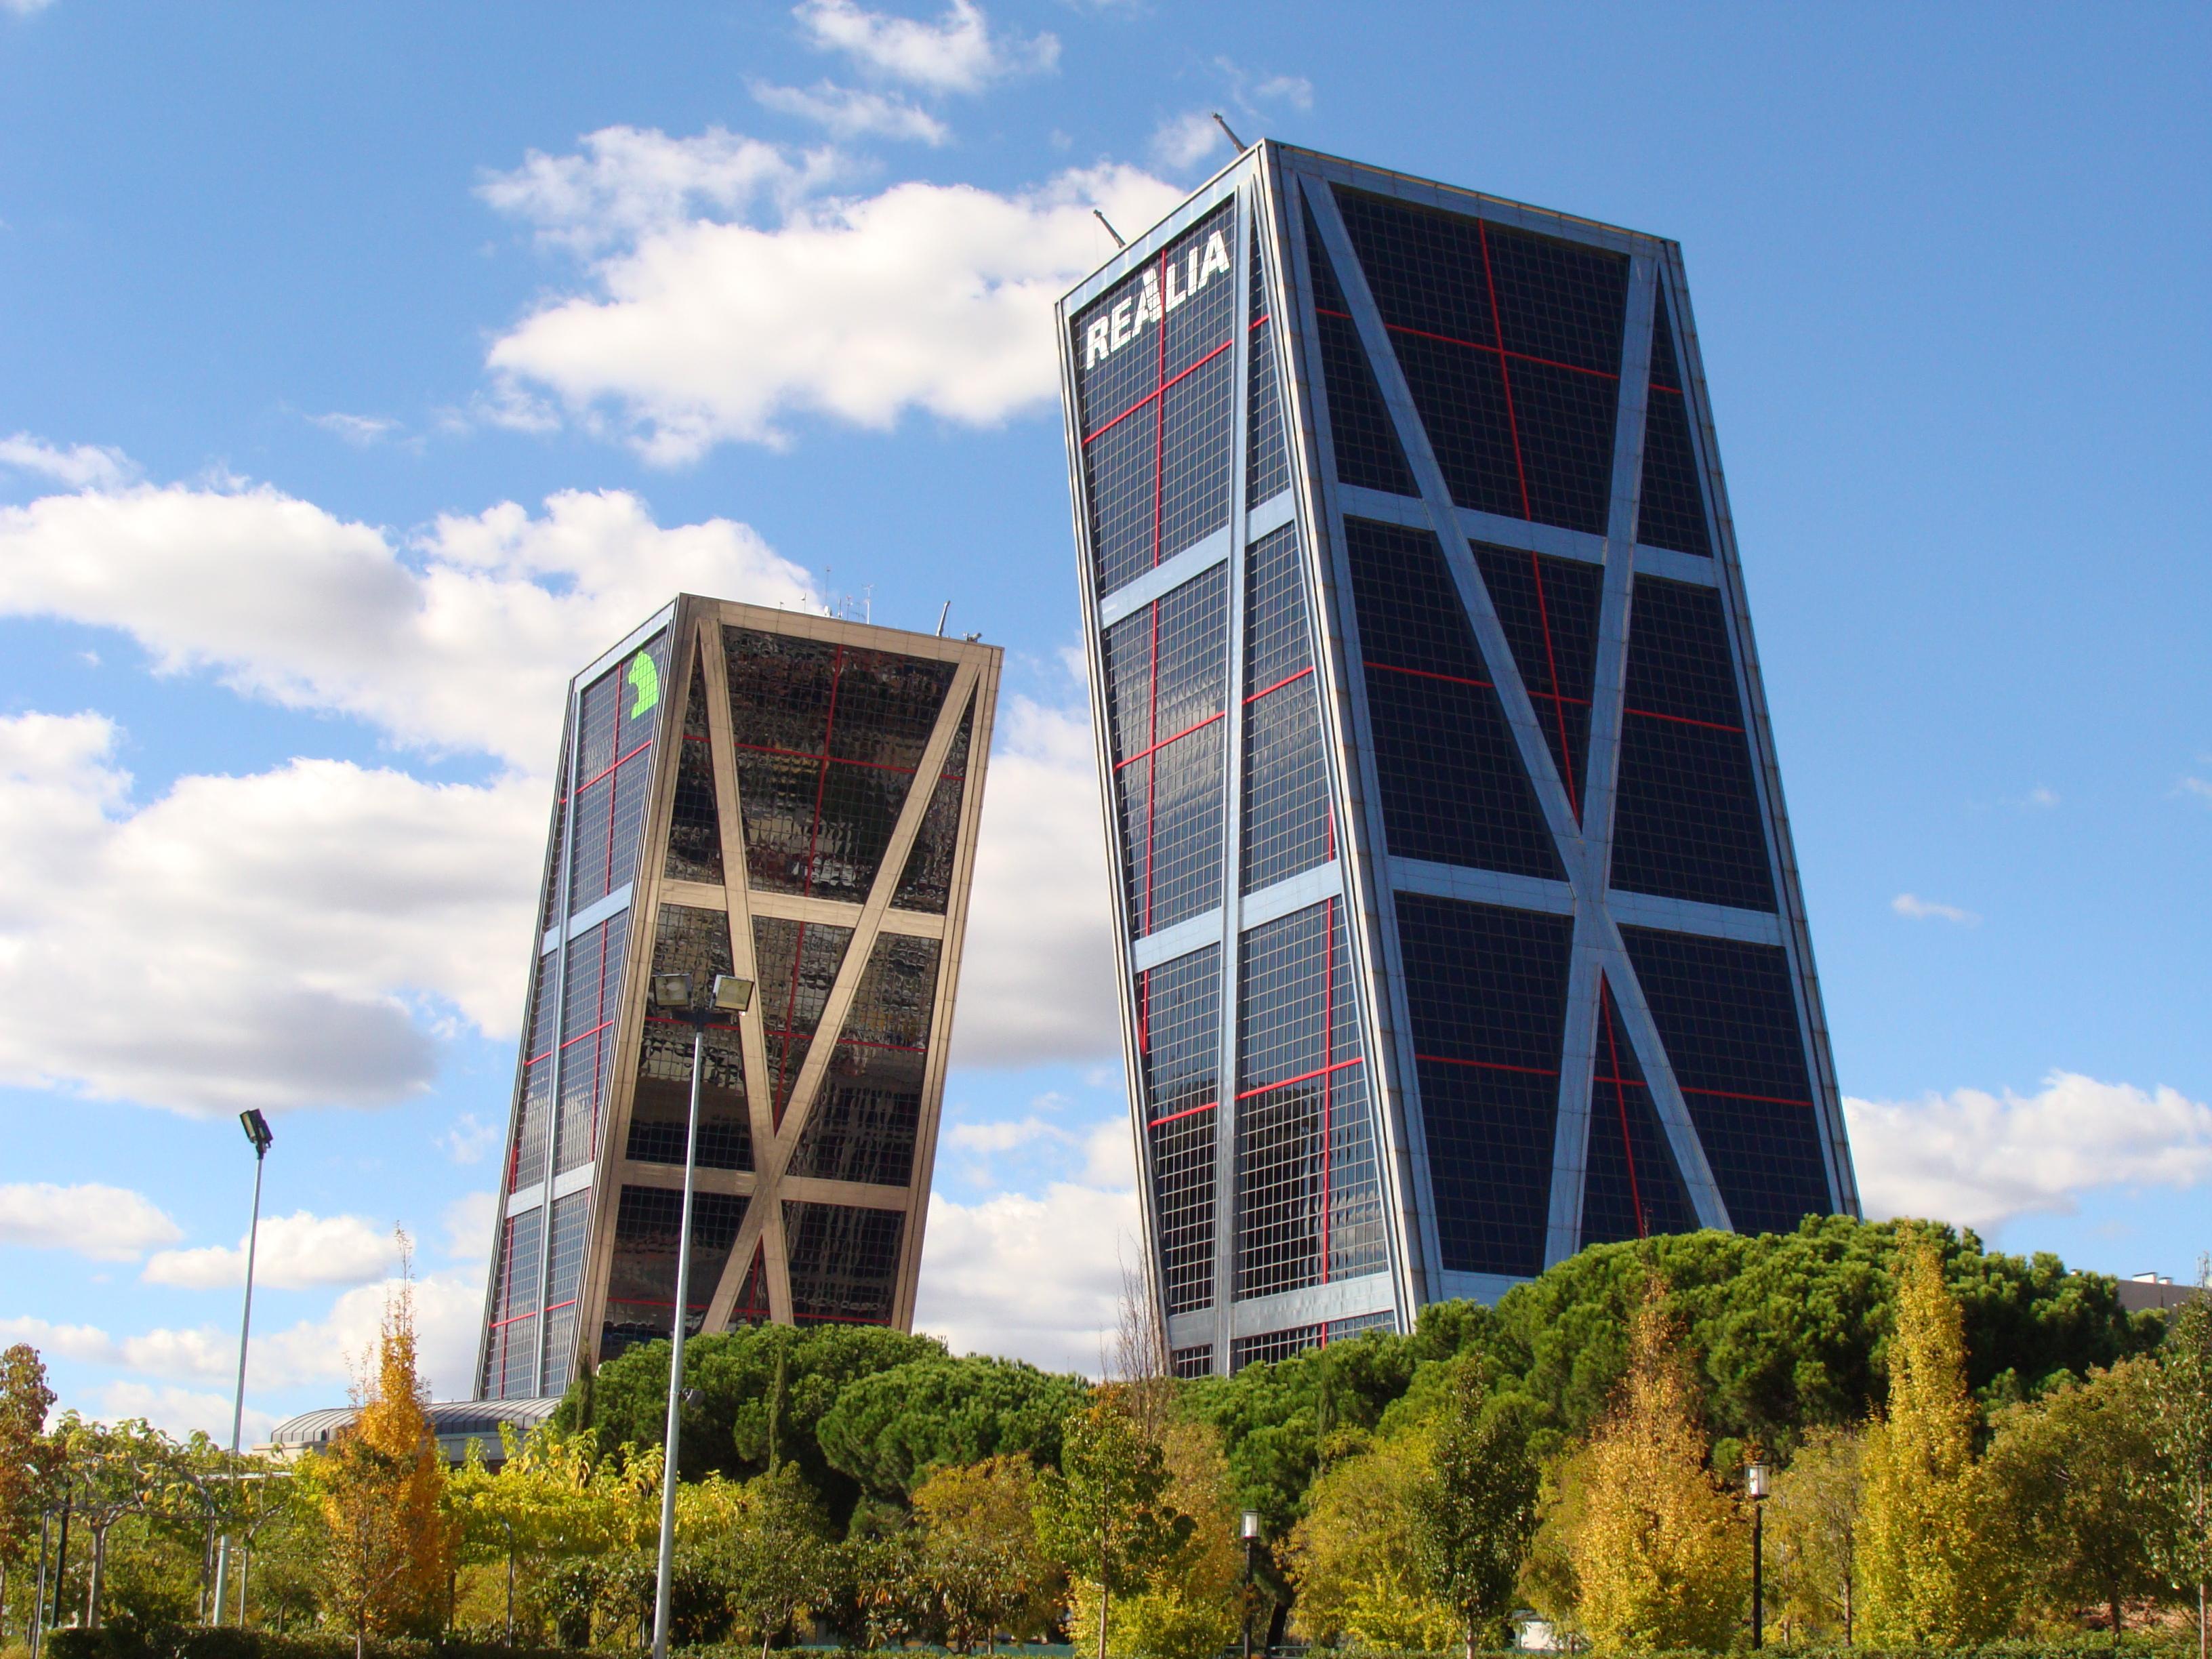 Puerta de europa y cuatro torres apartamentos madrid por - Torres kio arquitecto ...